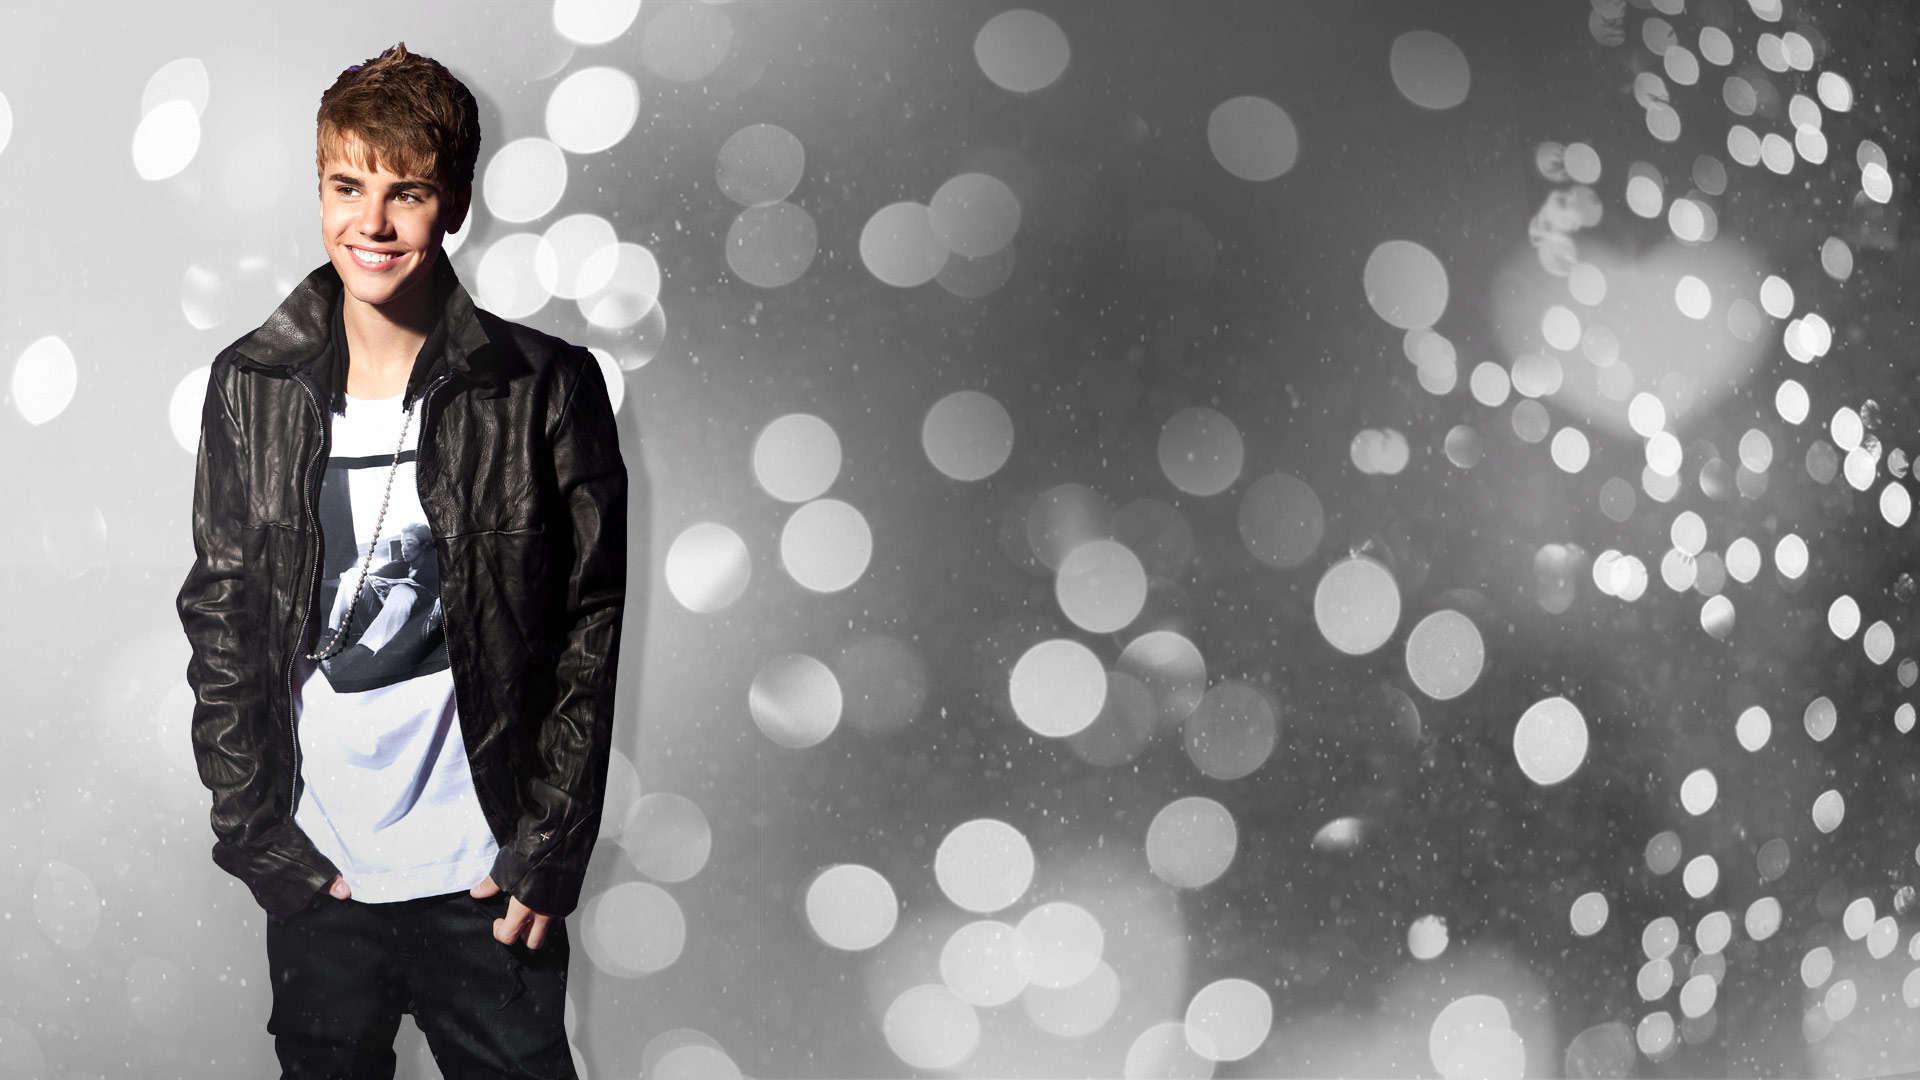 Fondos de Justin Bieber, Wallpapers y fotos de Justin Bieber